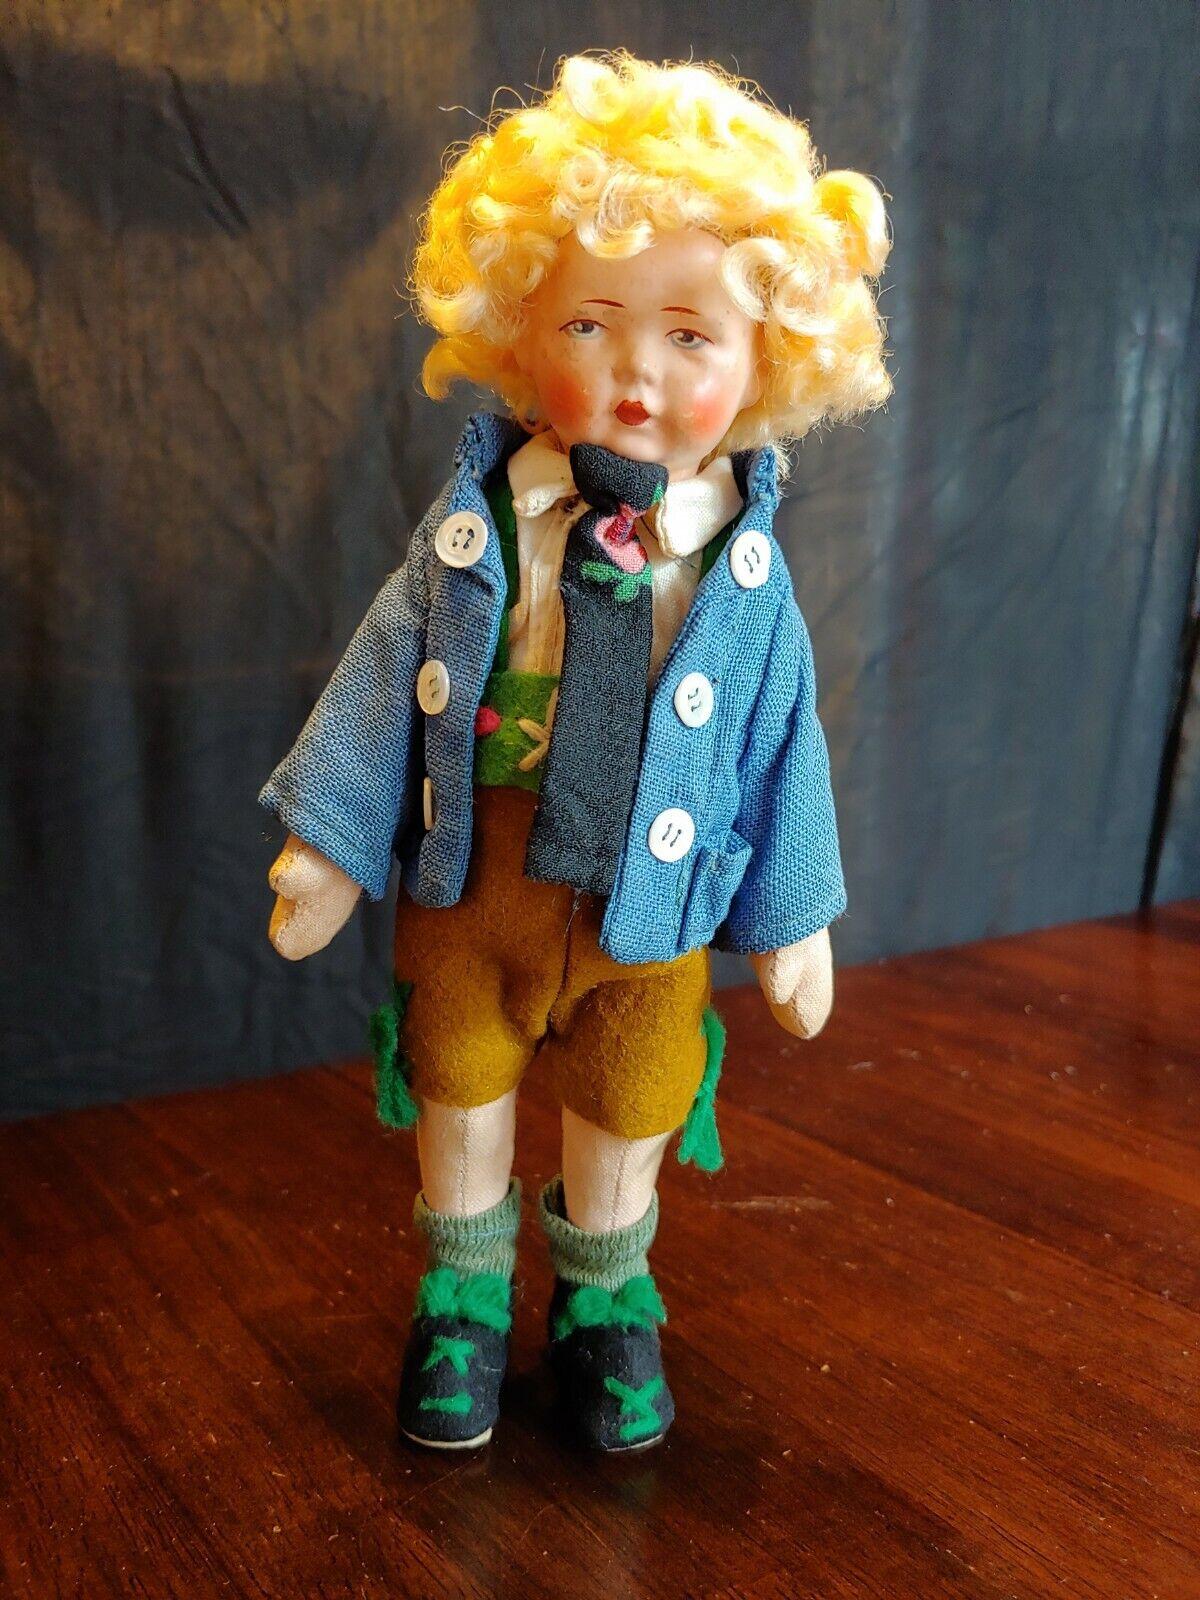 Bing Brojohers Art Dolls German Boy Felt & Composition Doll VG- 1920 like Lenci